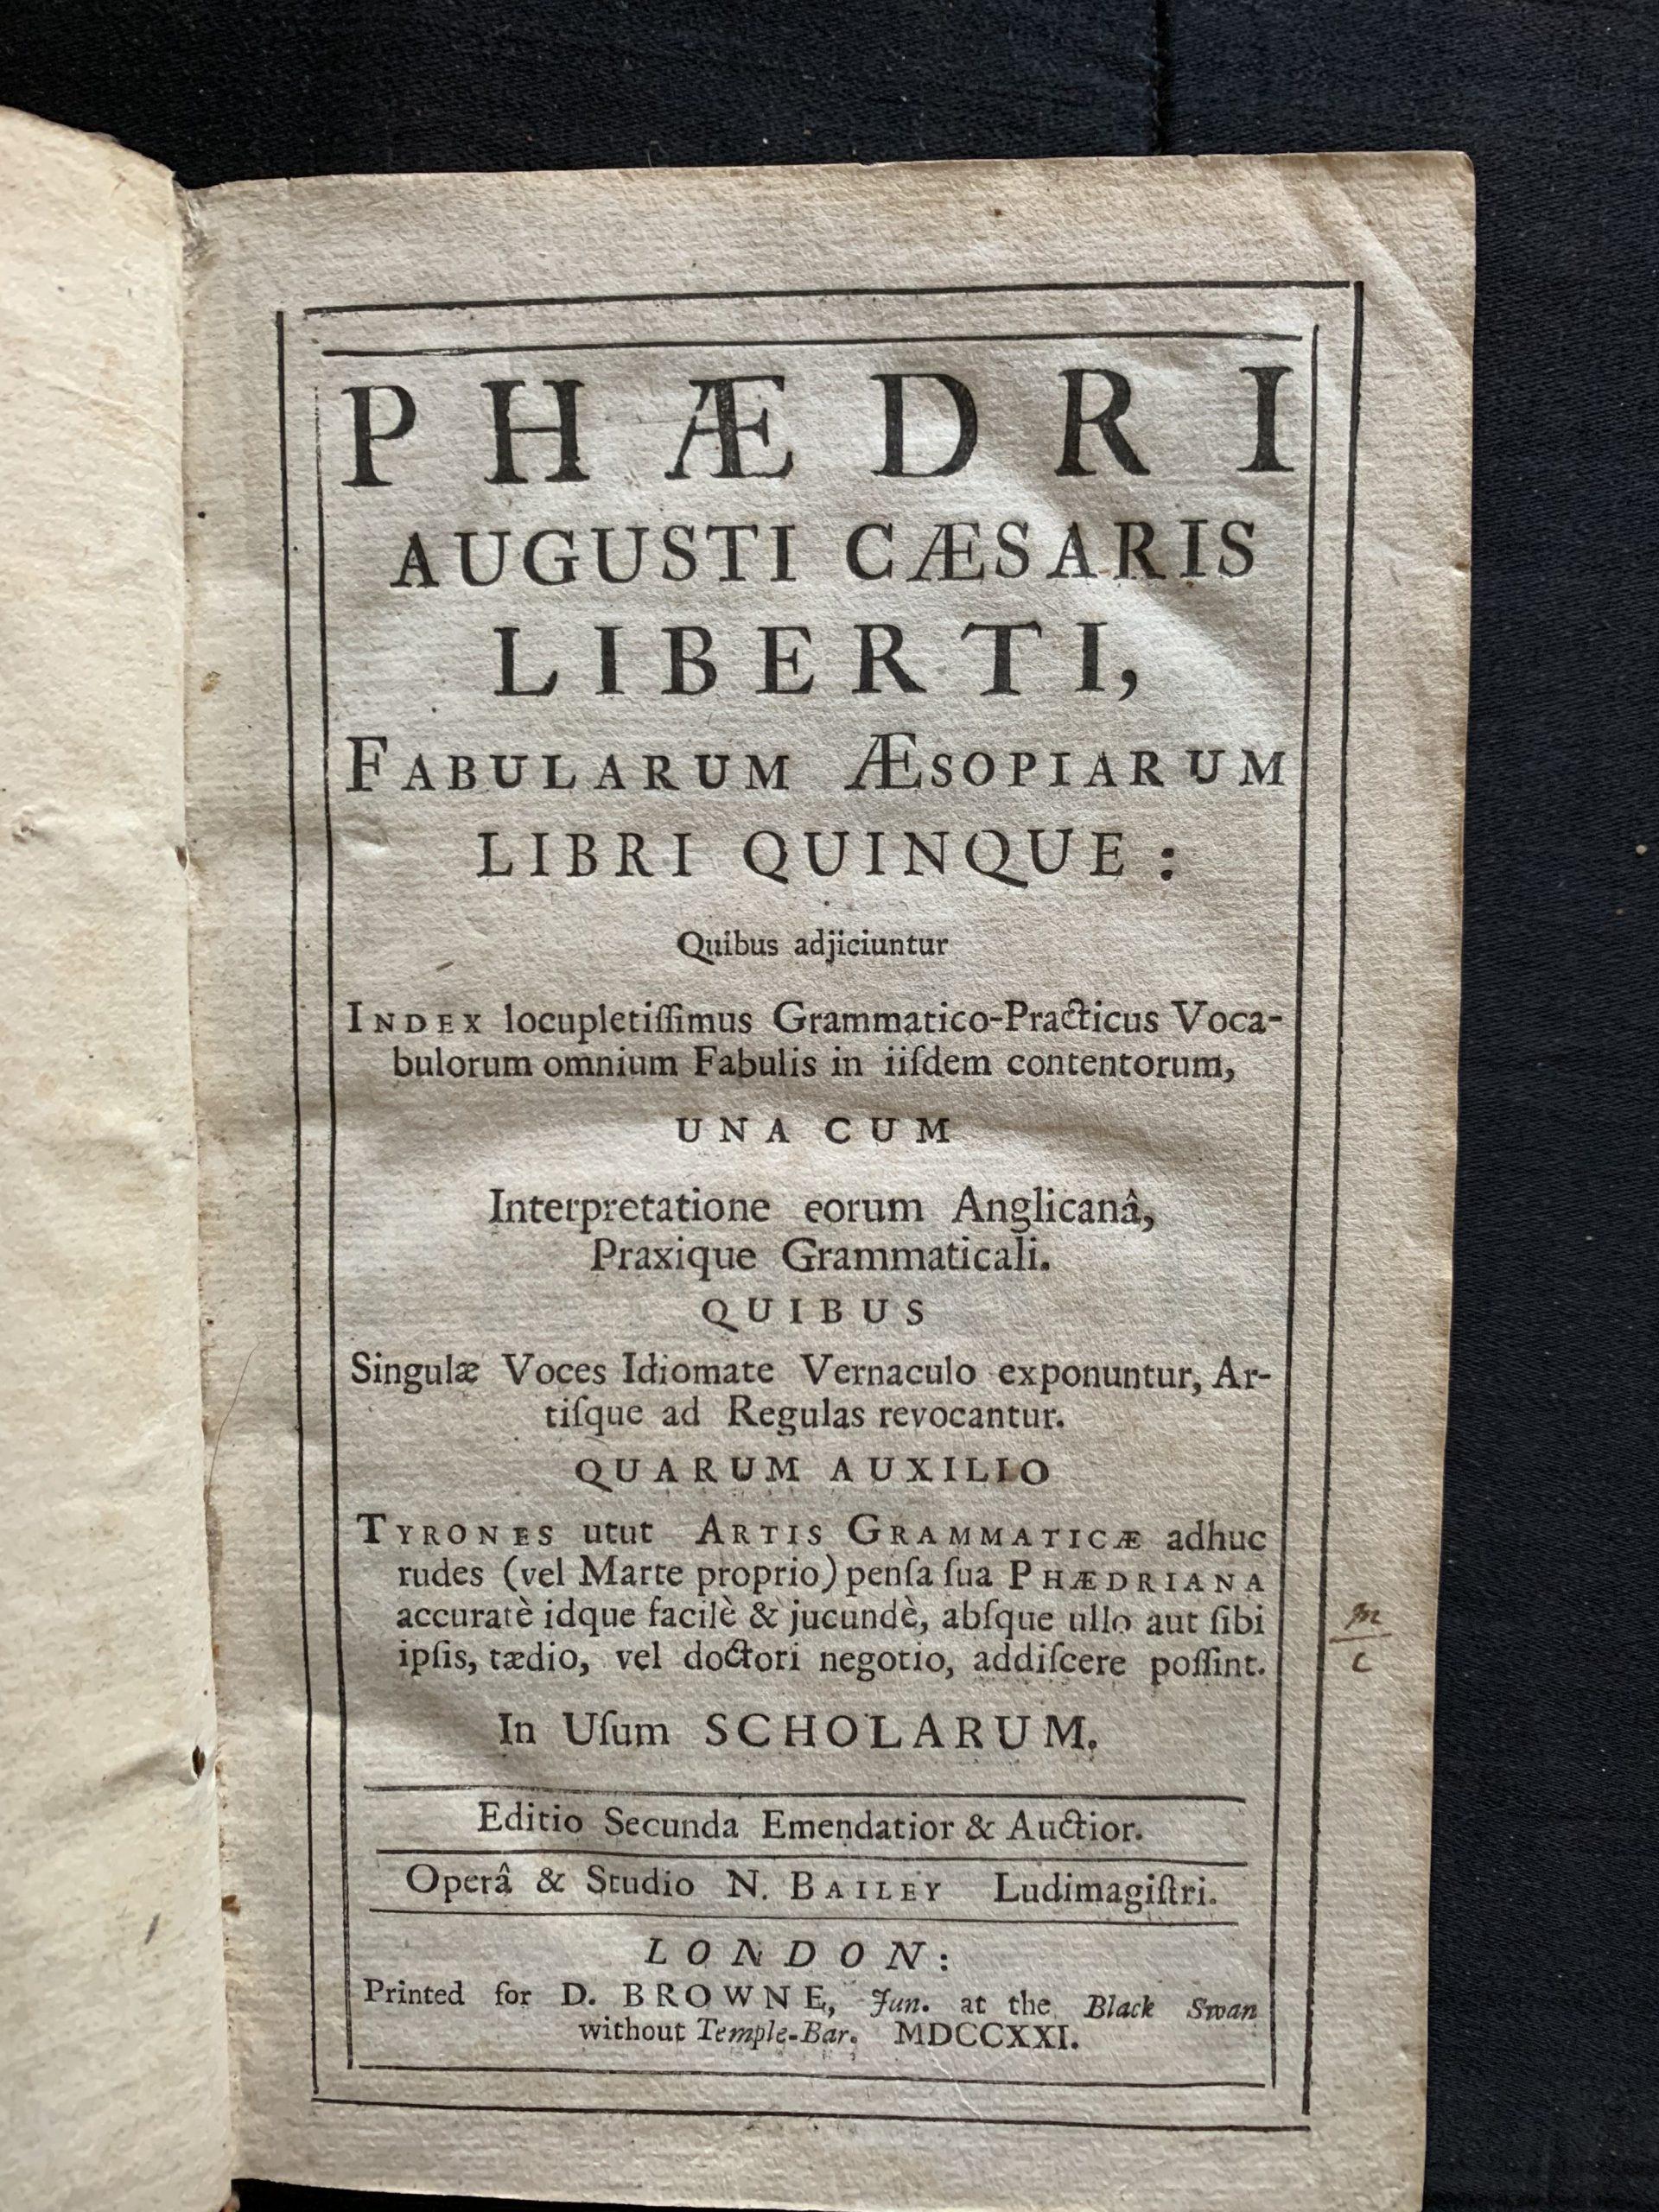 AESOP; PHAEDRUS, Gaius Julius (tr.); BAILEY, Nathan (ed.)